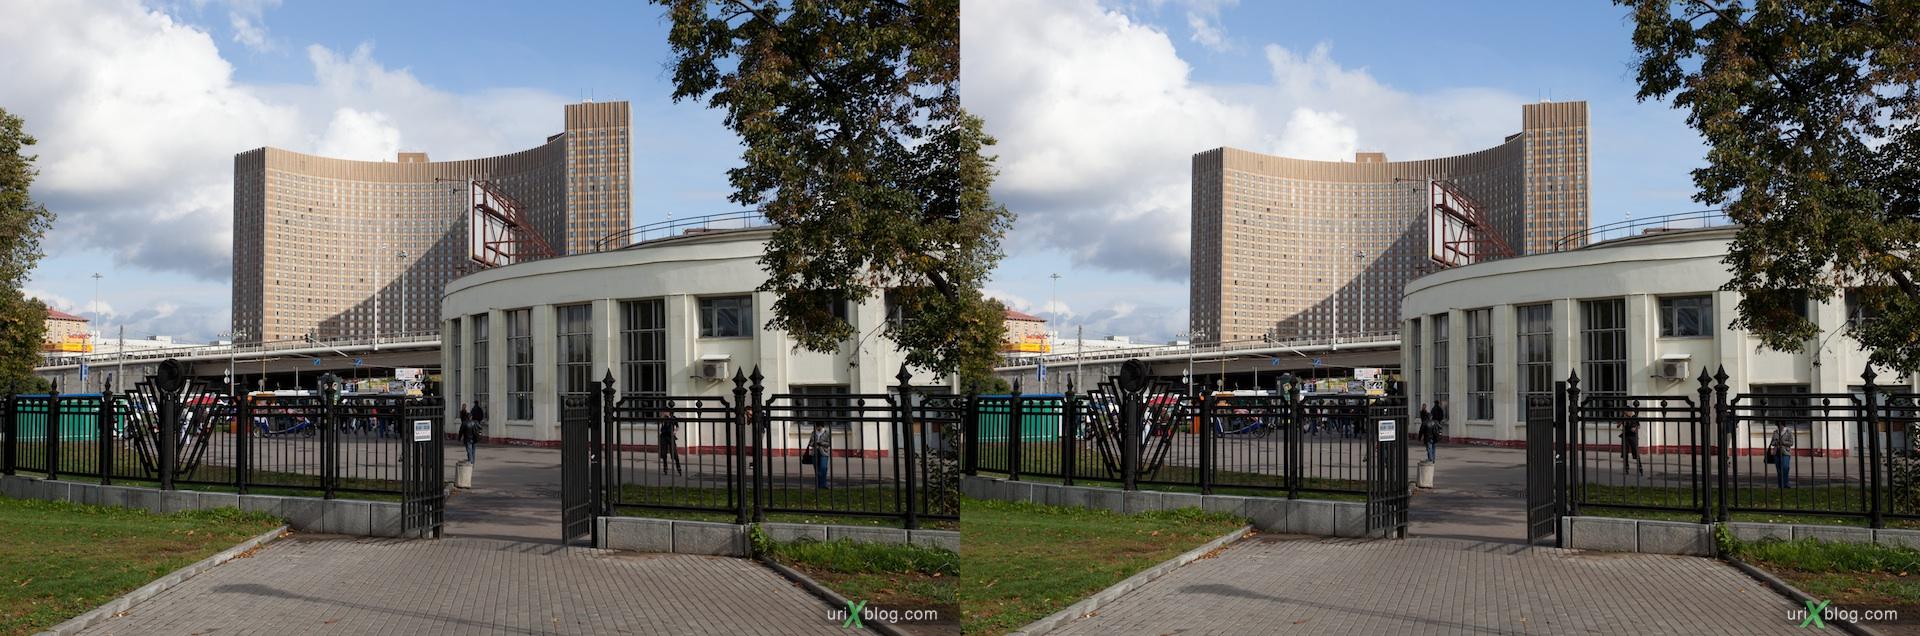 2011 Moscow, Москва ВВЦ